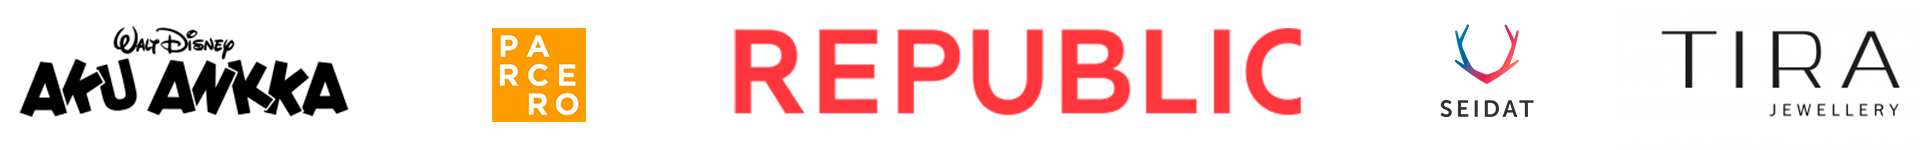 MLL:n 100-juhlavuoden yhteistyökumppaneiden logoja (Aku Ankka, Parcero, Republic, Seidat, TIRA Jewellery).